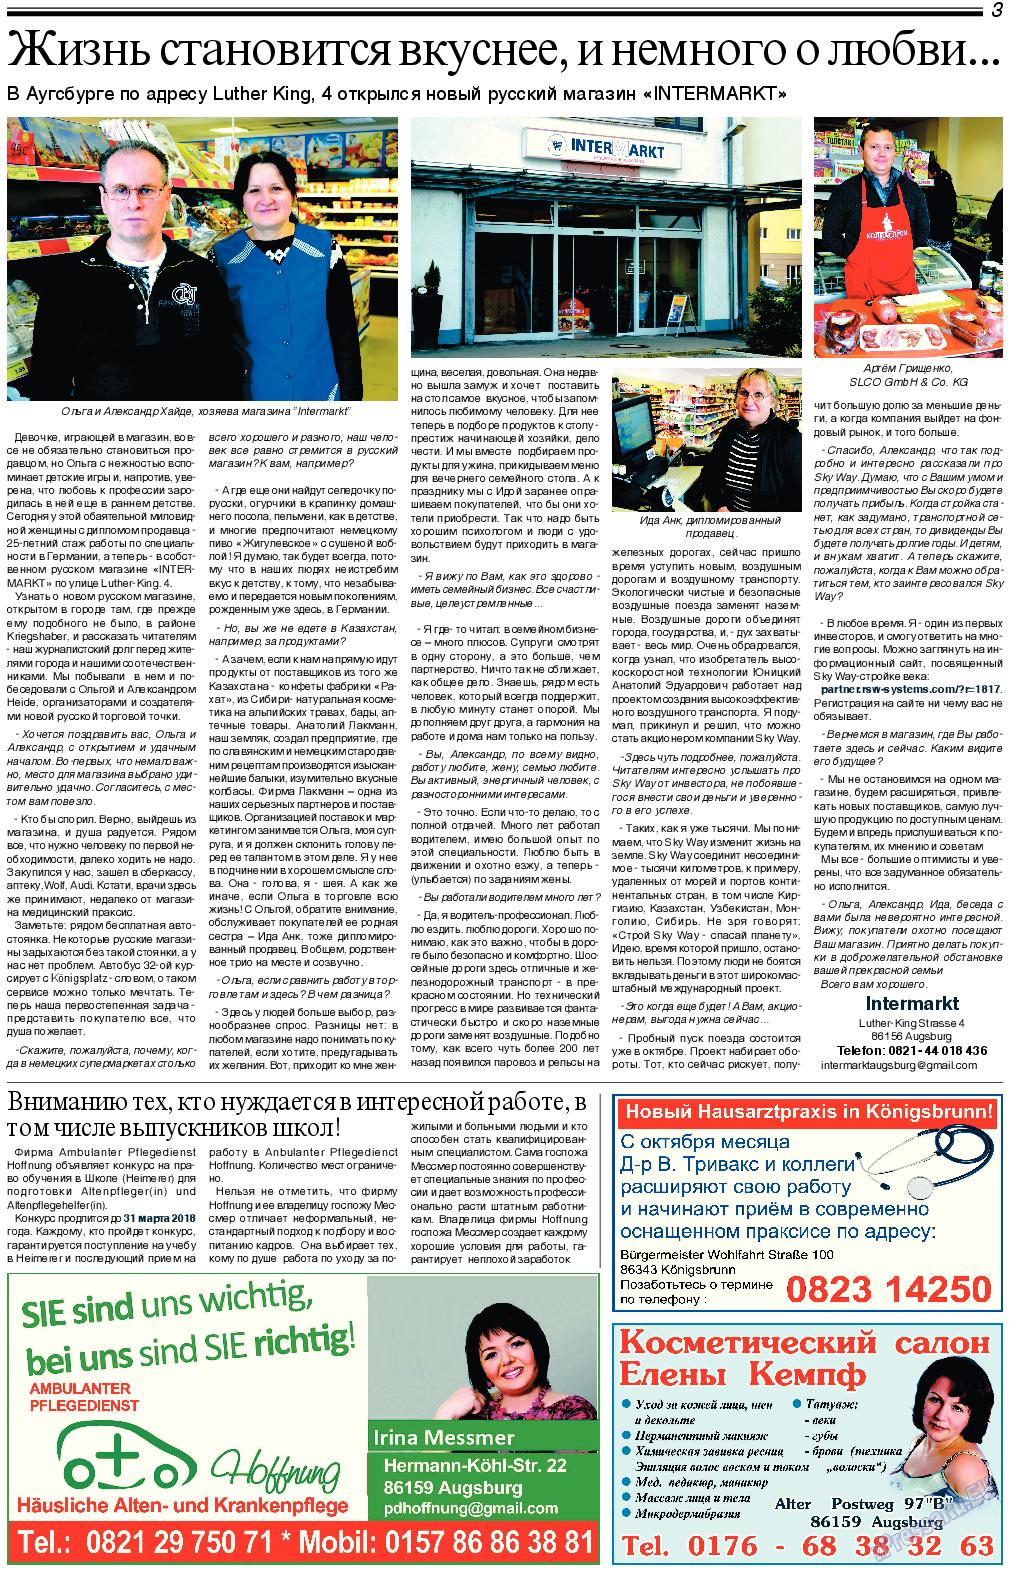 Вечерняя газета (газета). 2017 год, номер 11, стр. 3